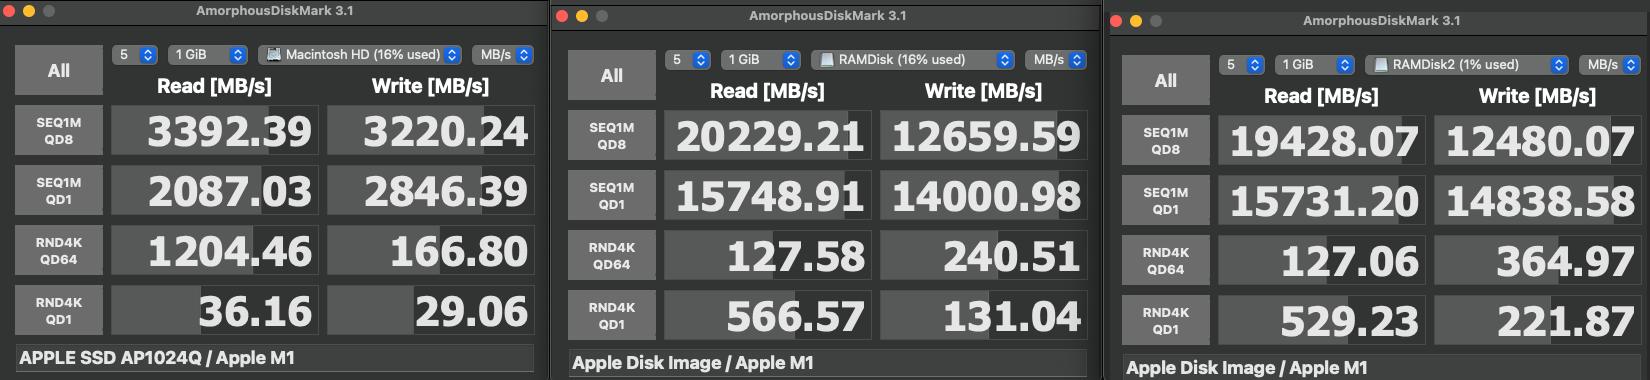 Screen Shot 2021-04-13 at 2.38.38.png